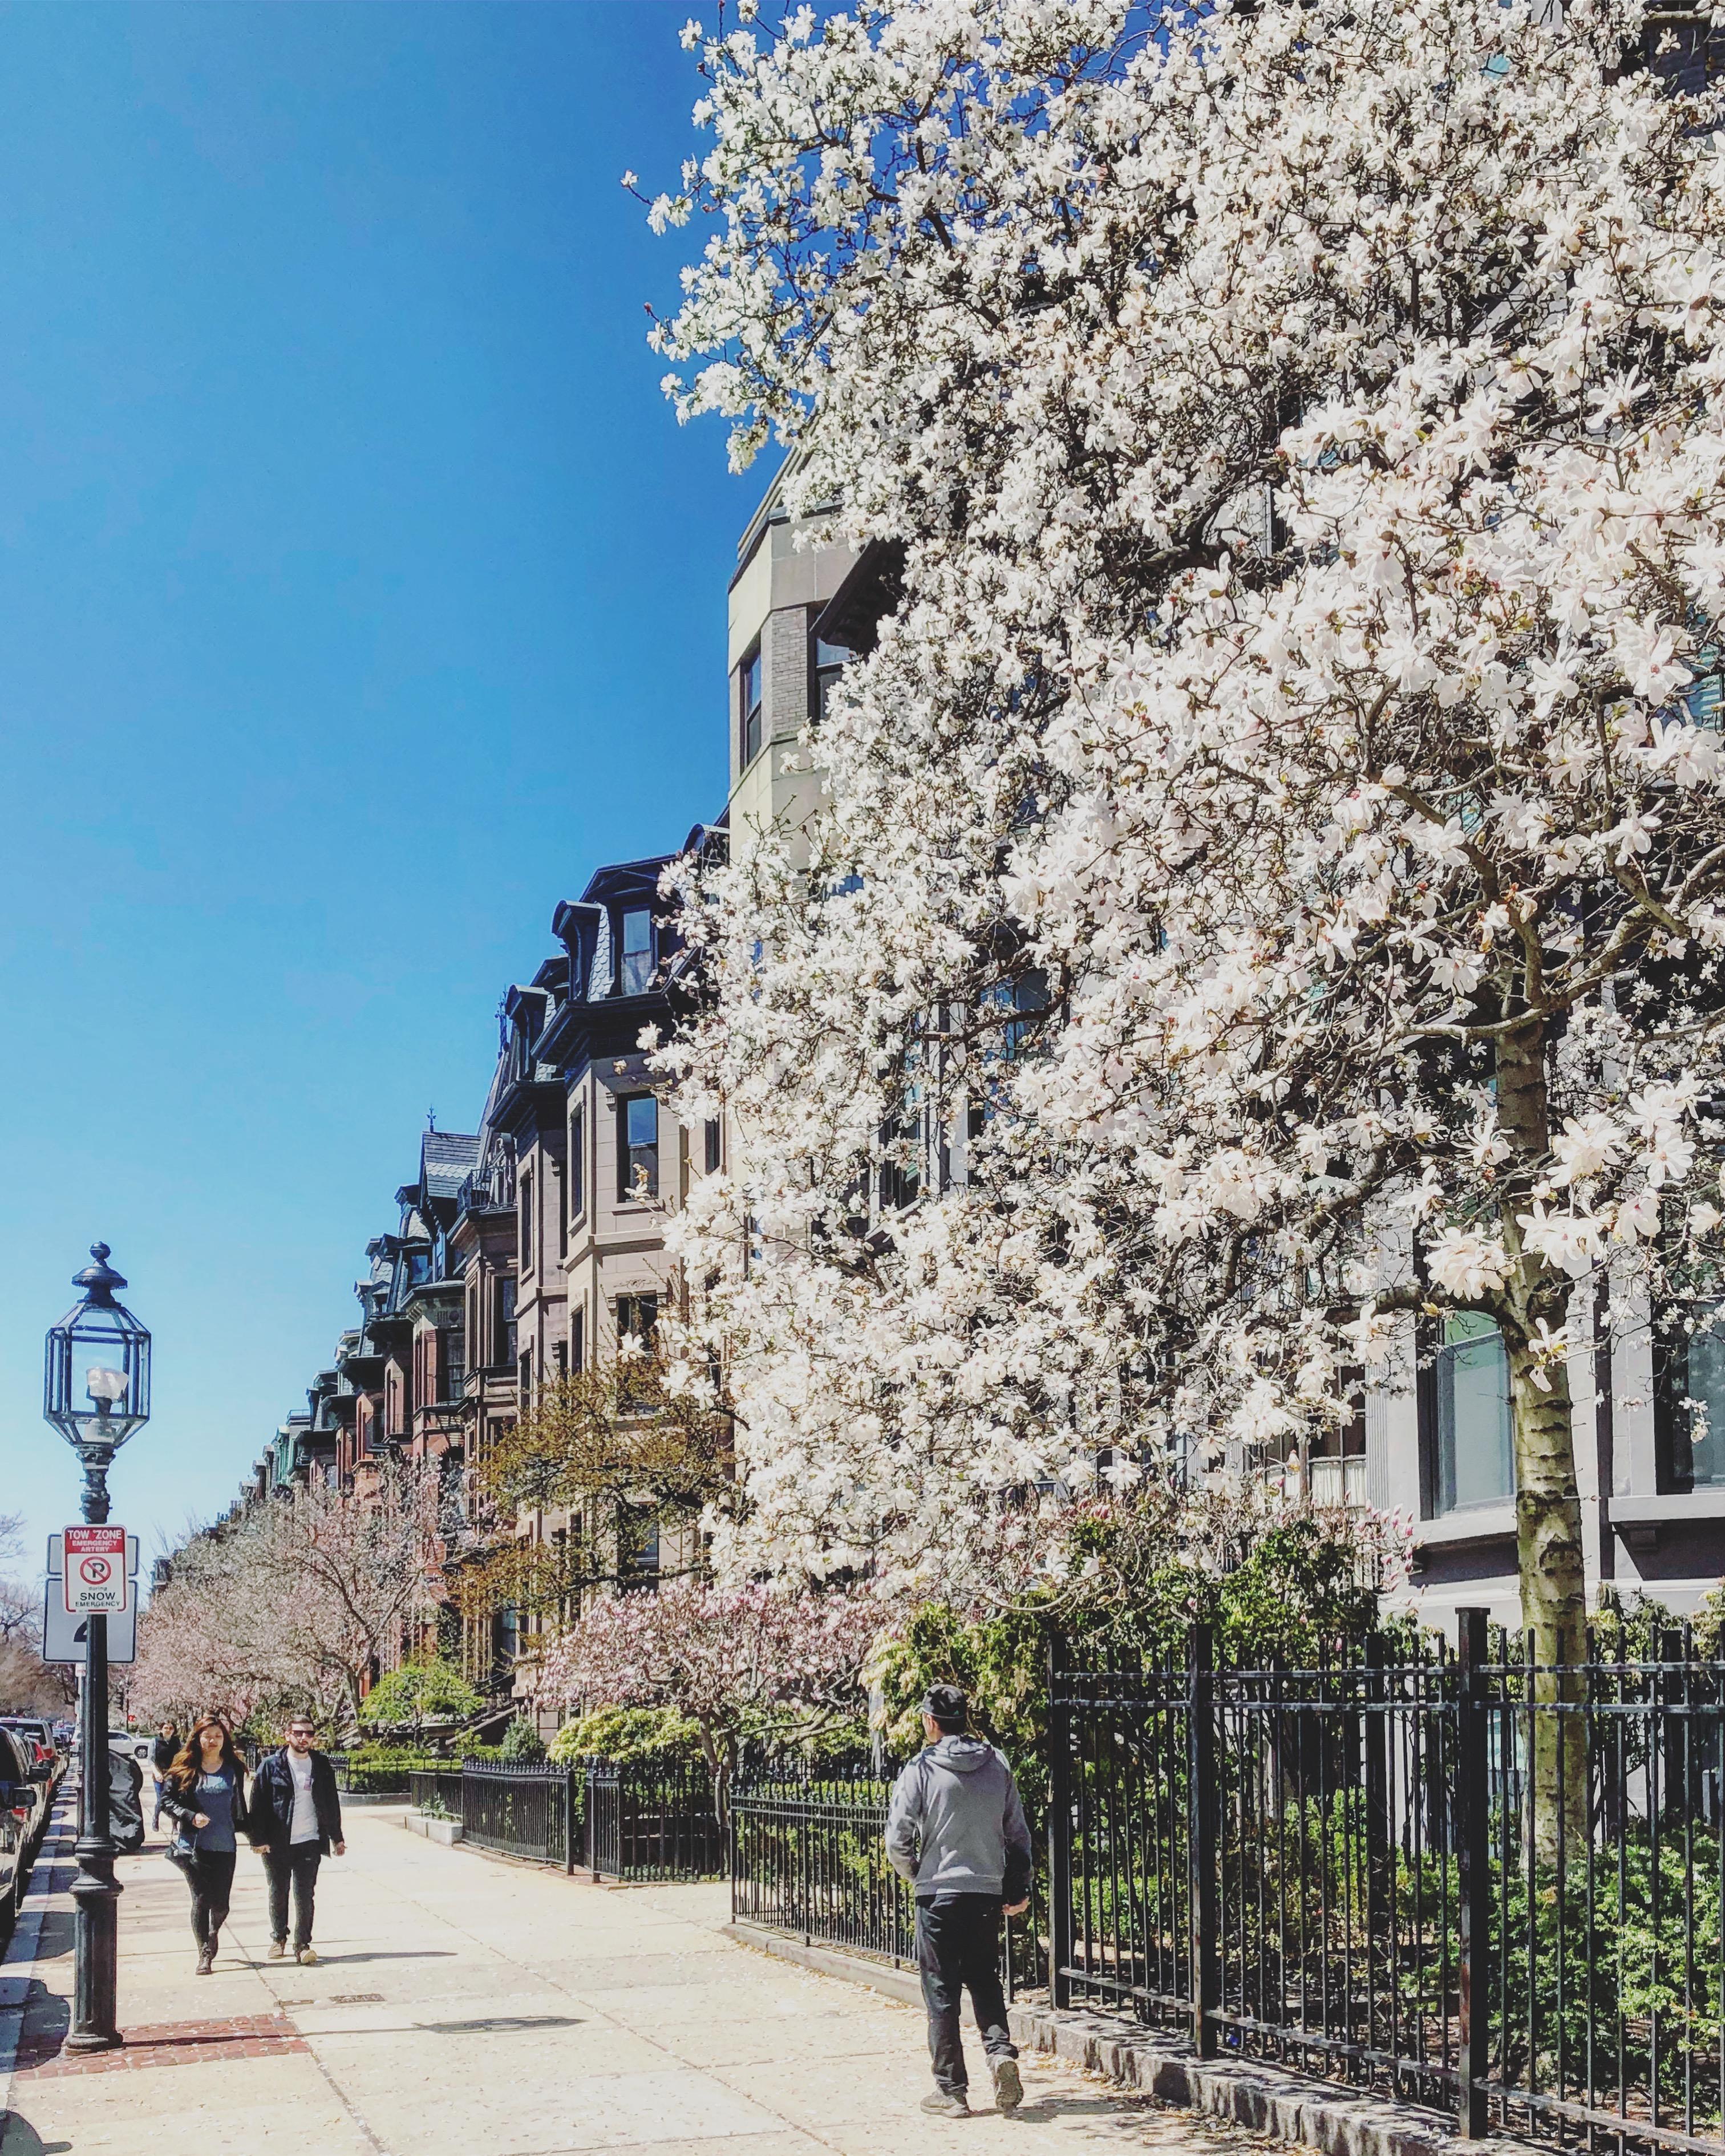 Boston Back Bay in Spring